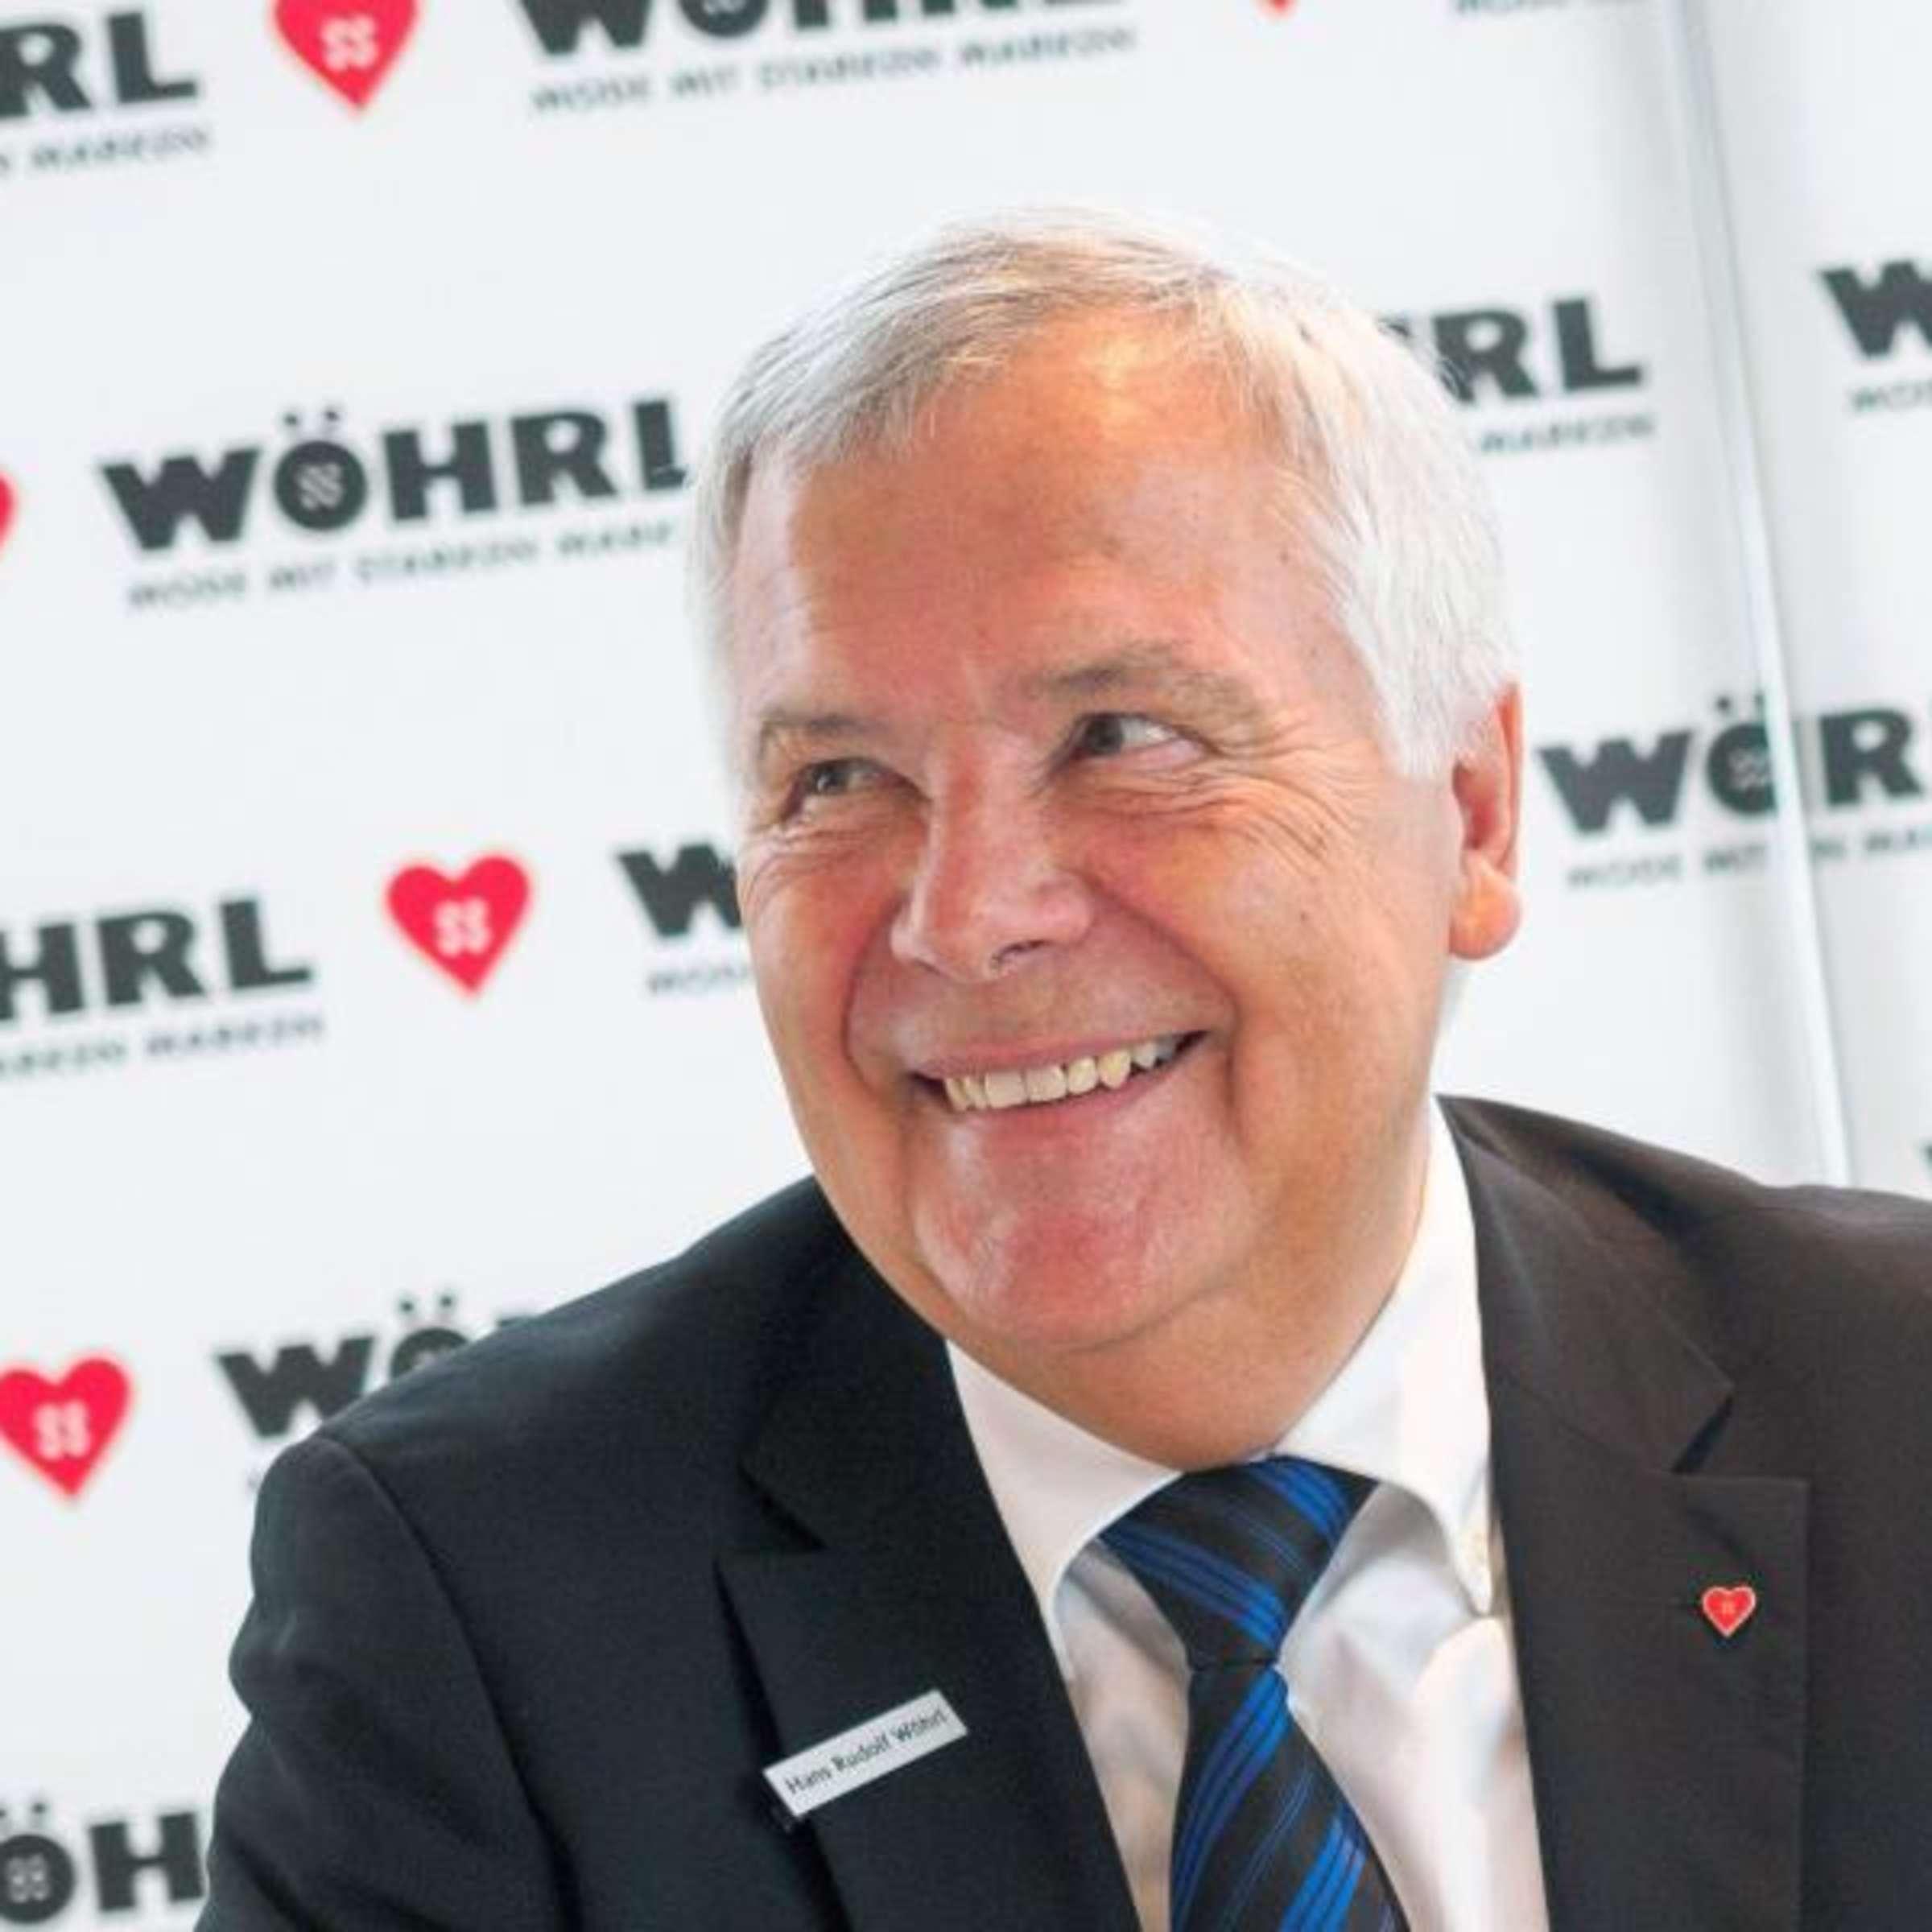 Wöhrl bietet bis zu 11 Millionen Euro für Air Berlin  Wirtschaft